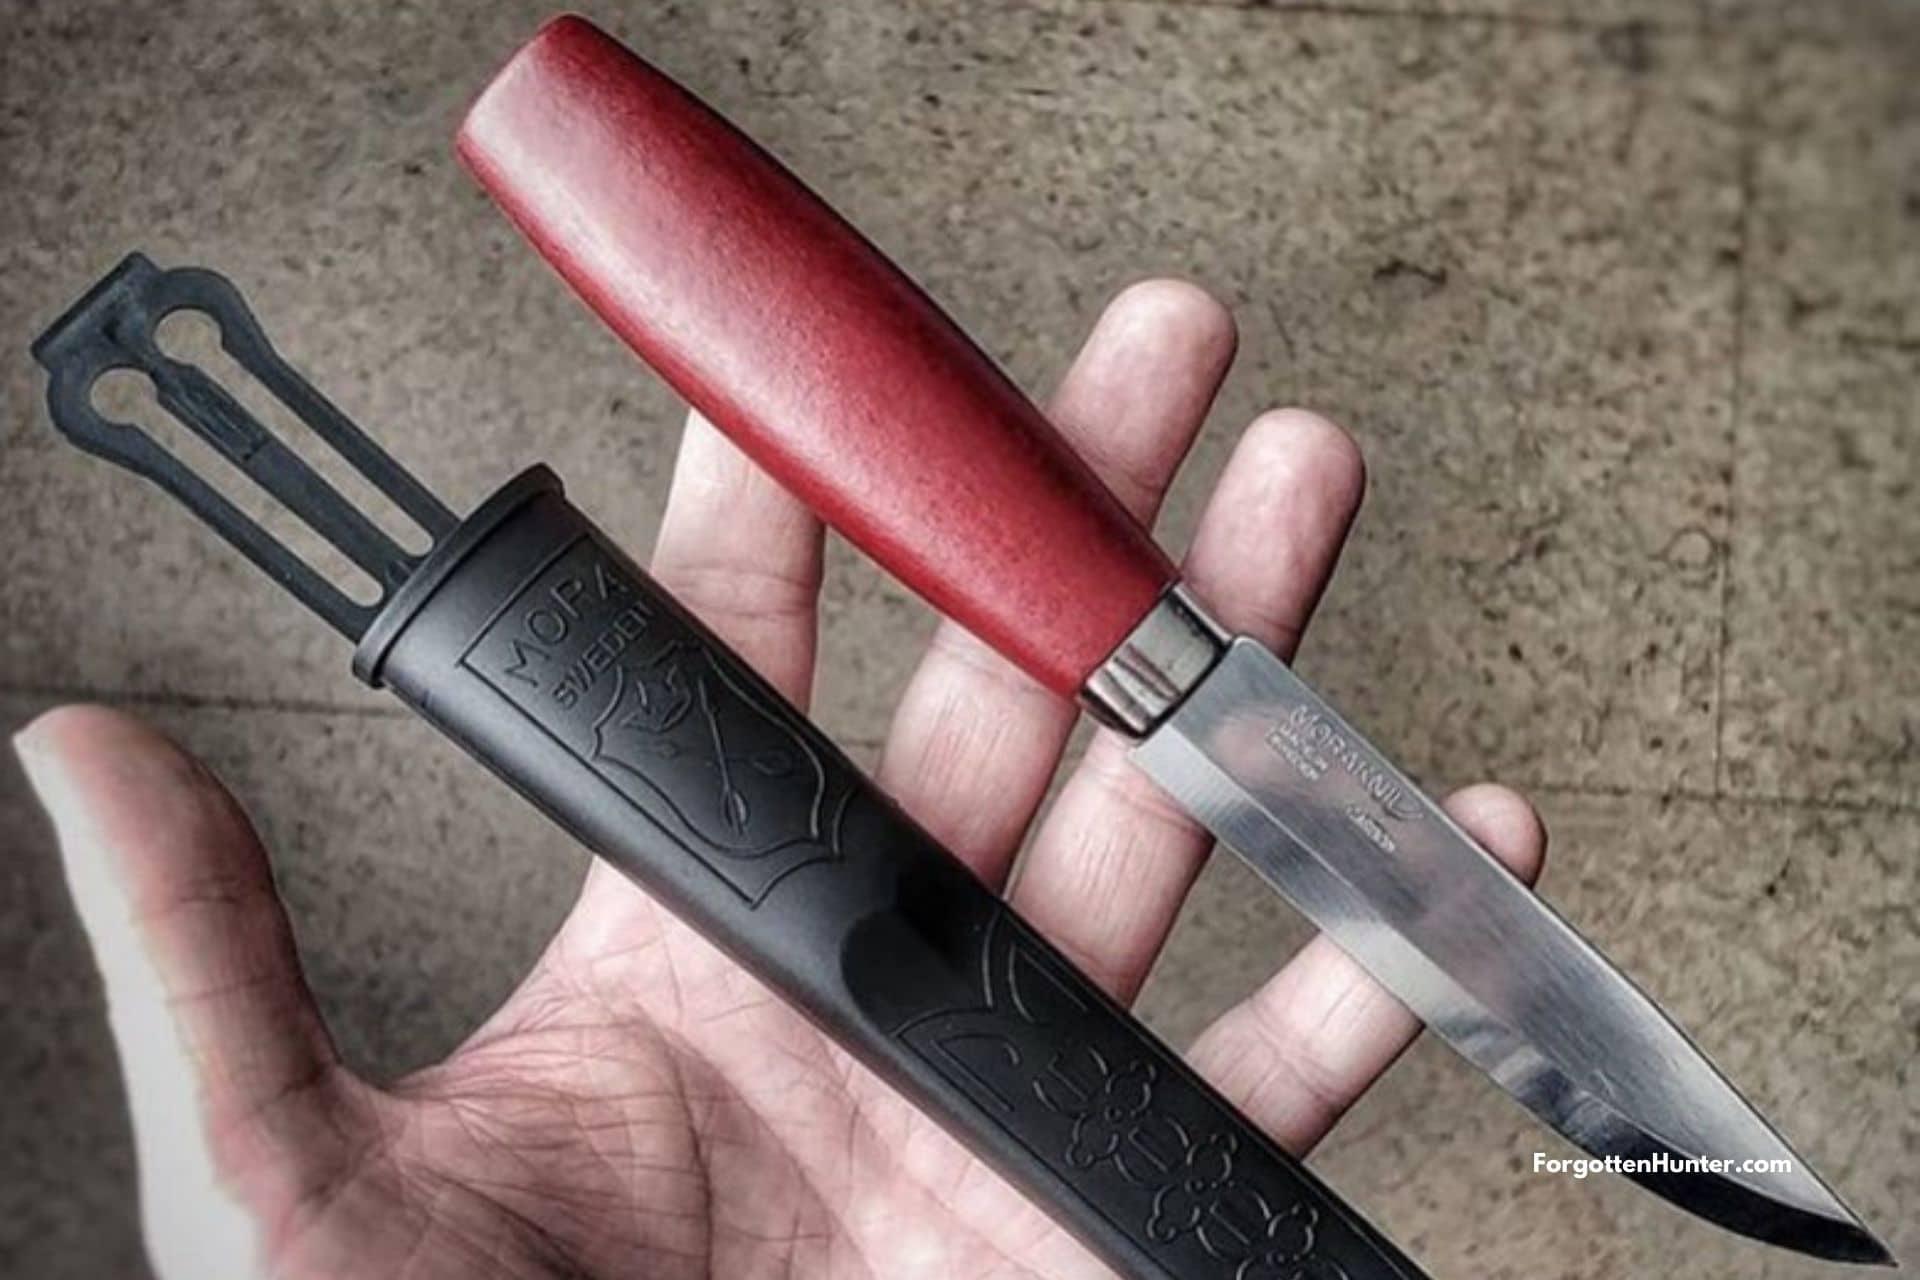 Morakniv Classic No 1 - Knife Review